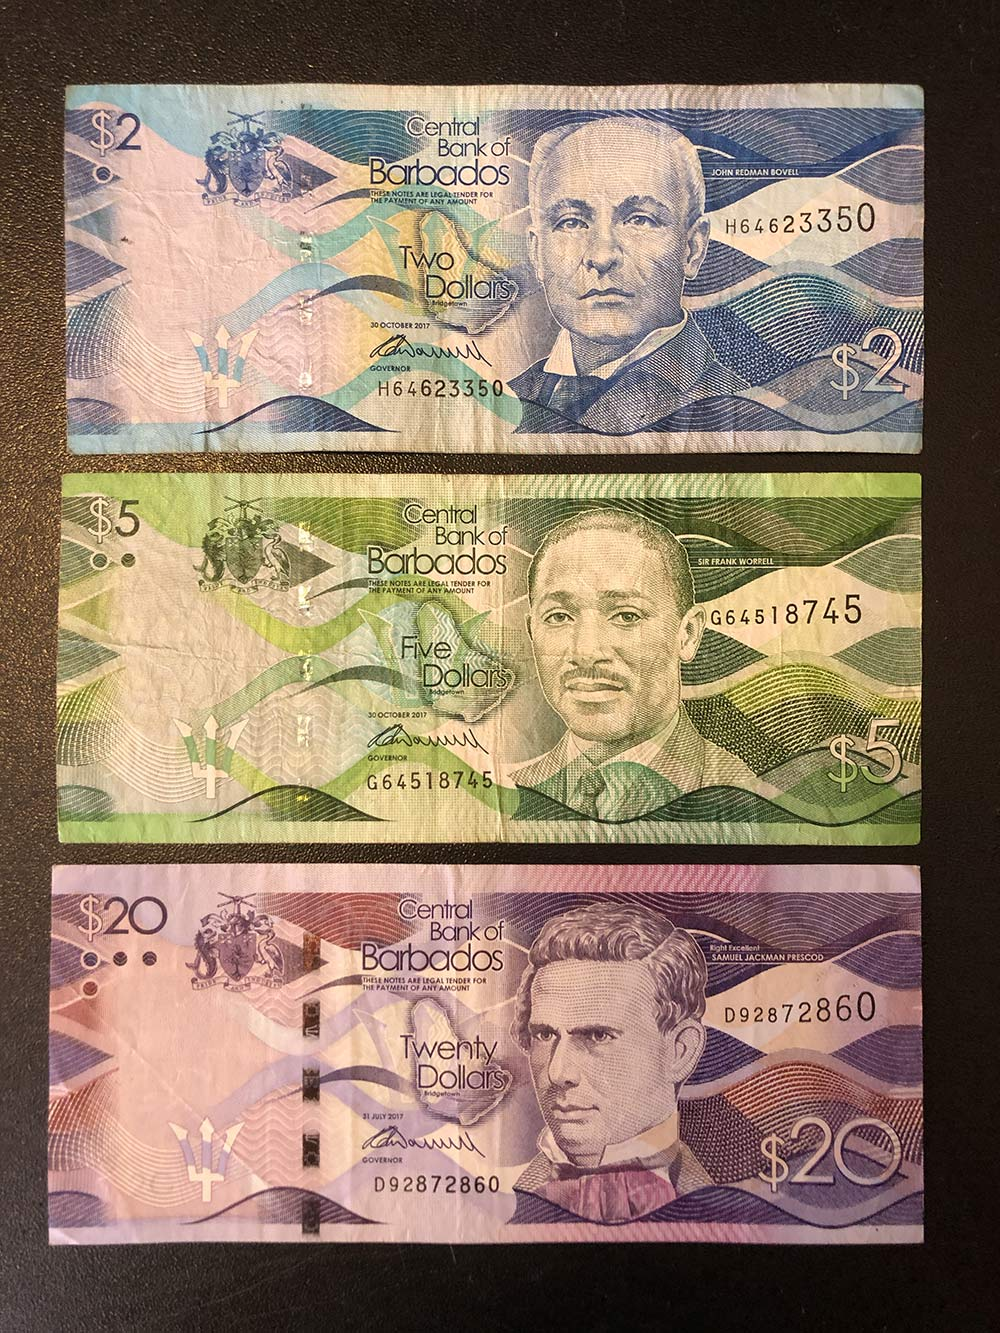 Это доллары острова Барбадос, тоже оставил их длясвоей коллекции